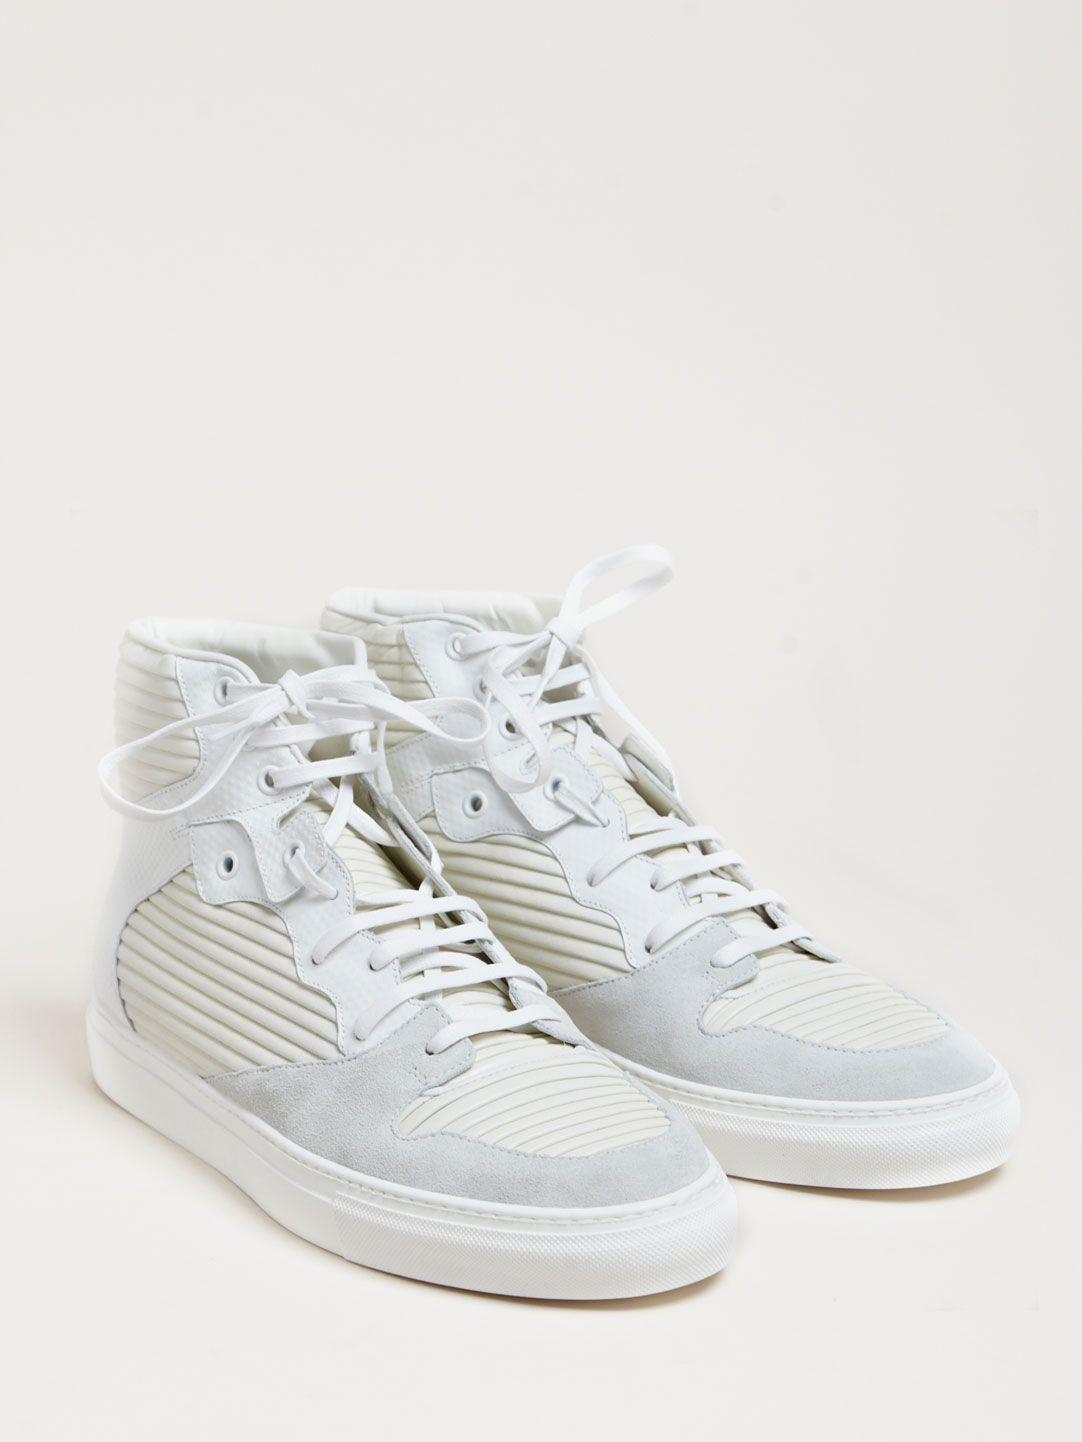 Zapatillas Balenciaga Blancas